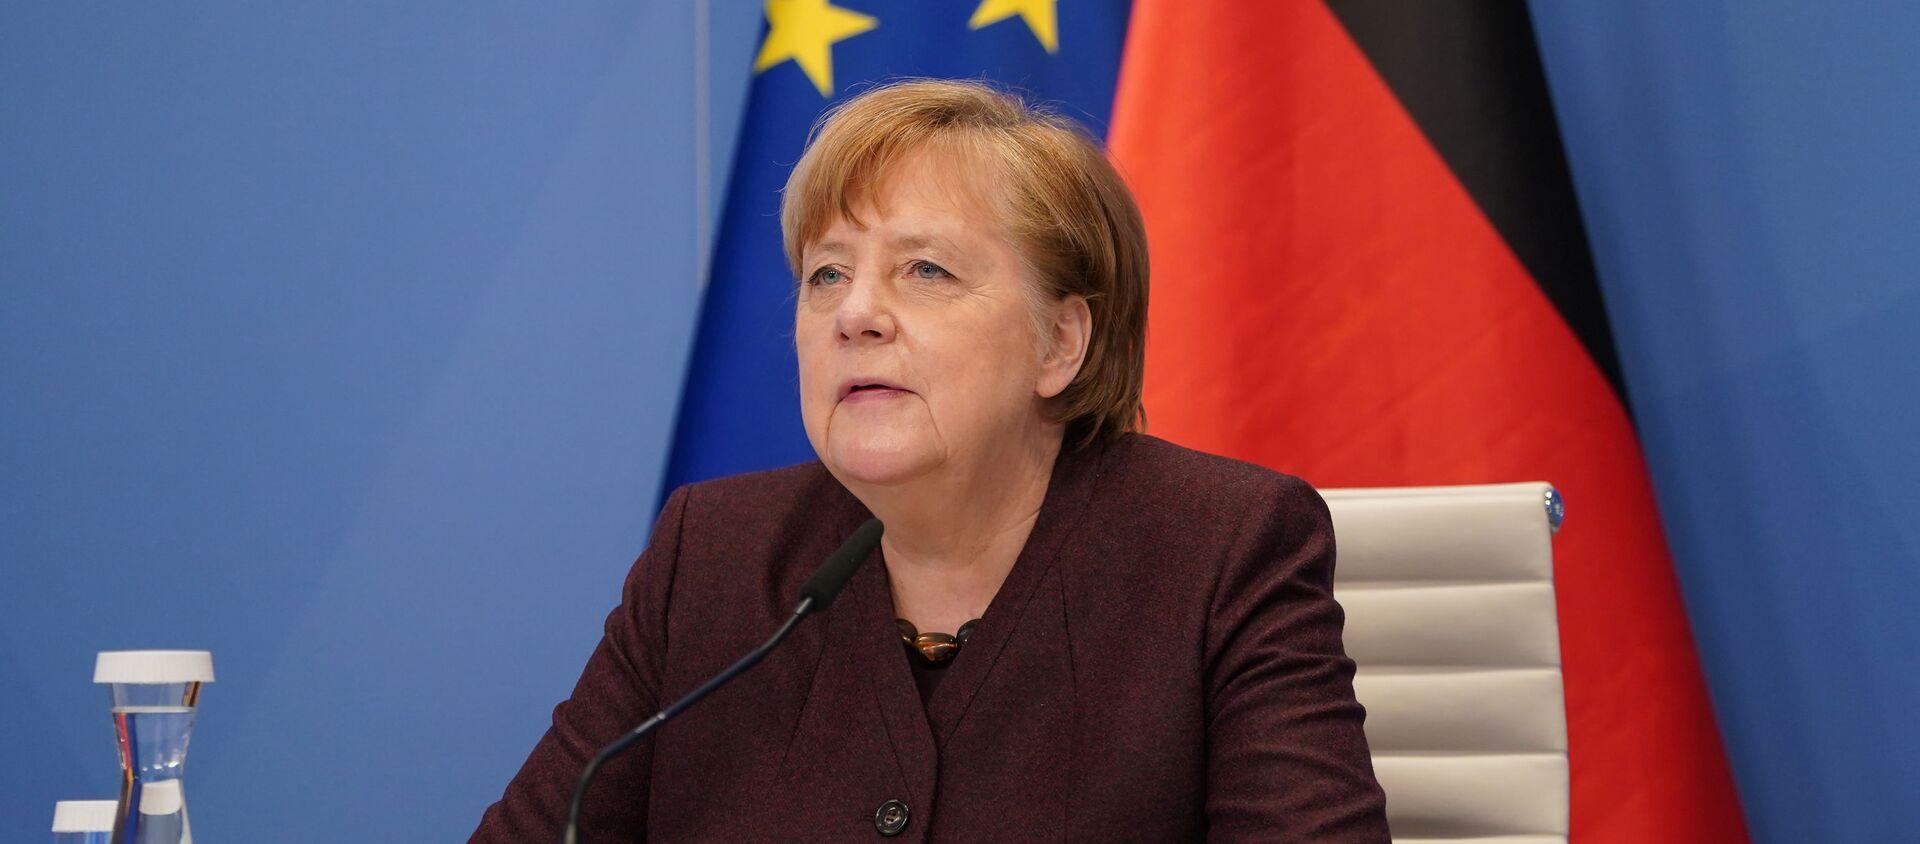 Thủ tướng Đức Angela Merkel - Sputnik Việt Nam, 1920, 15.02.2021